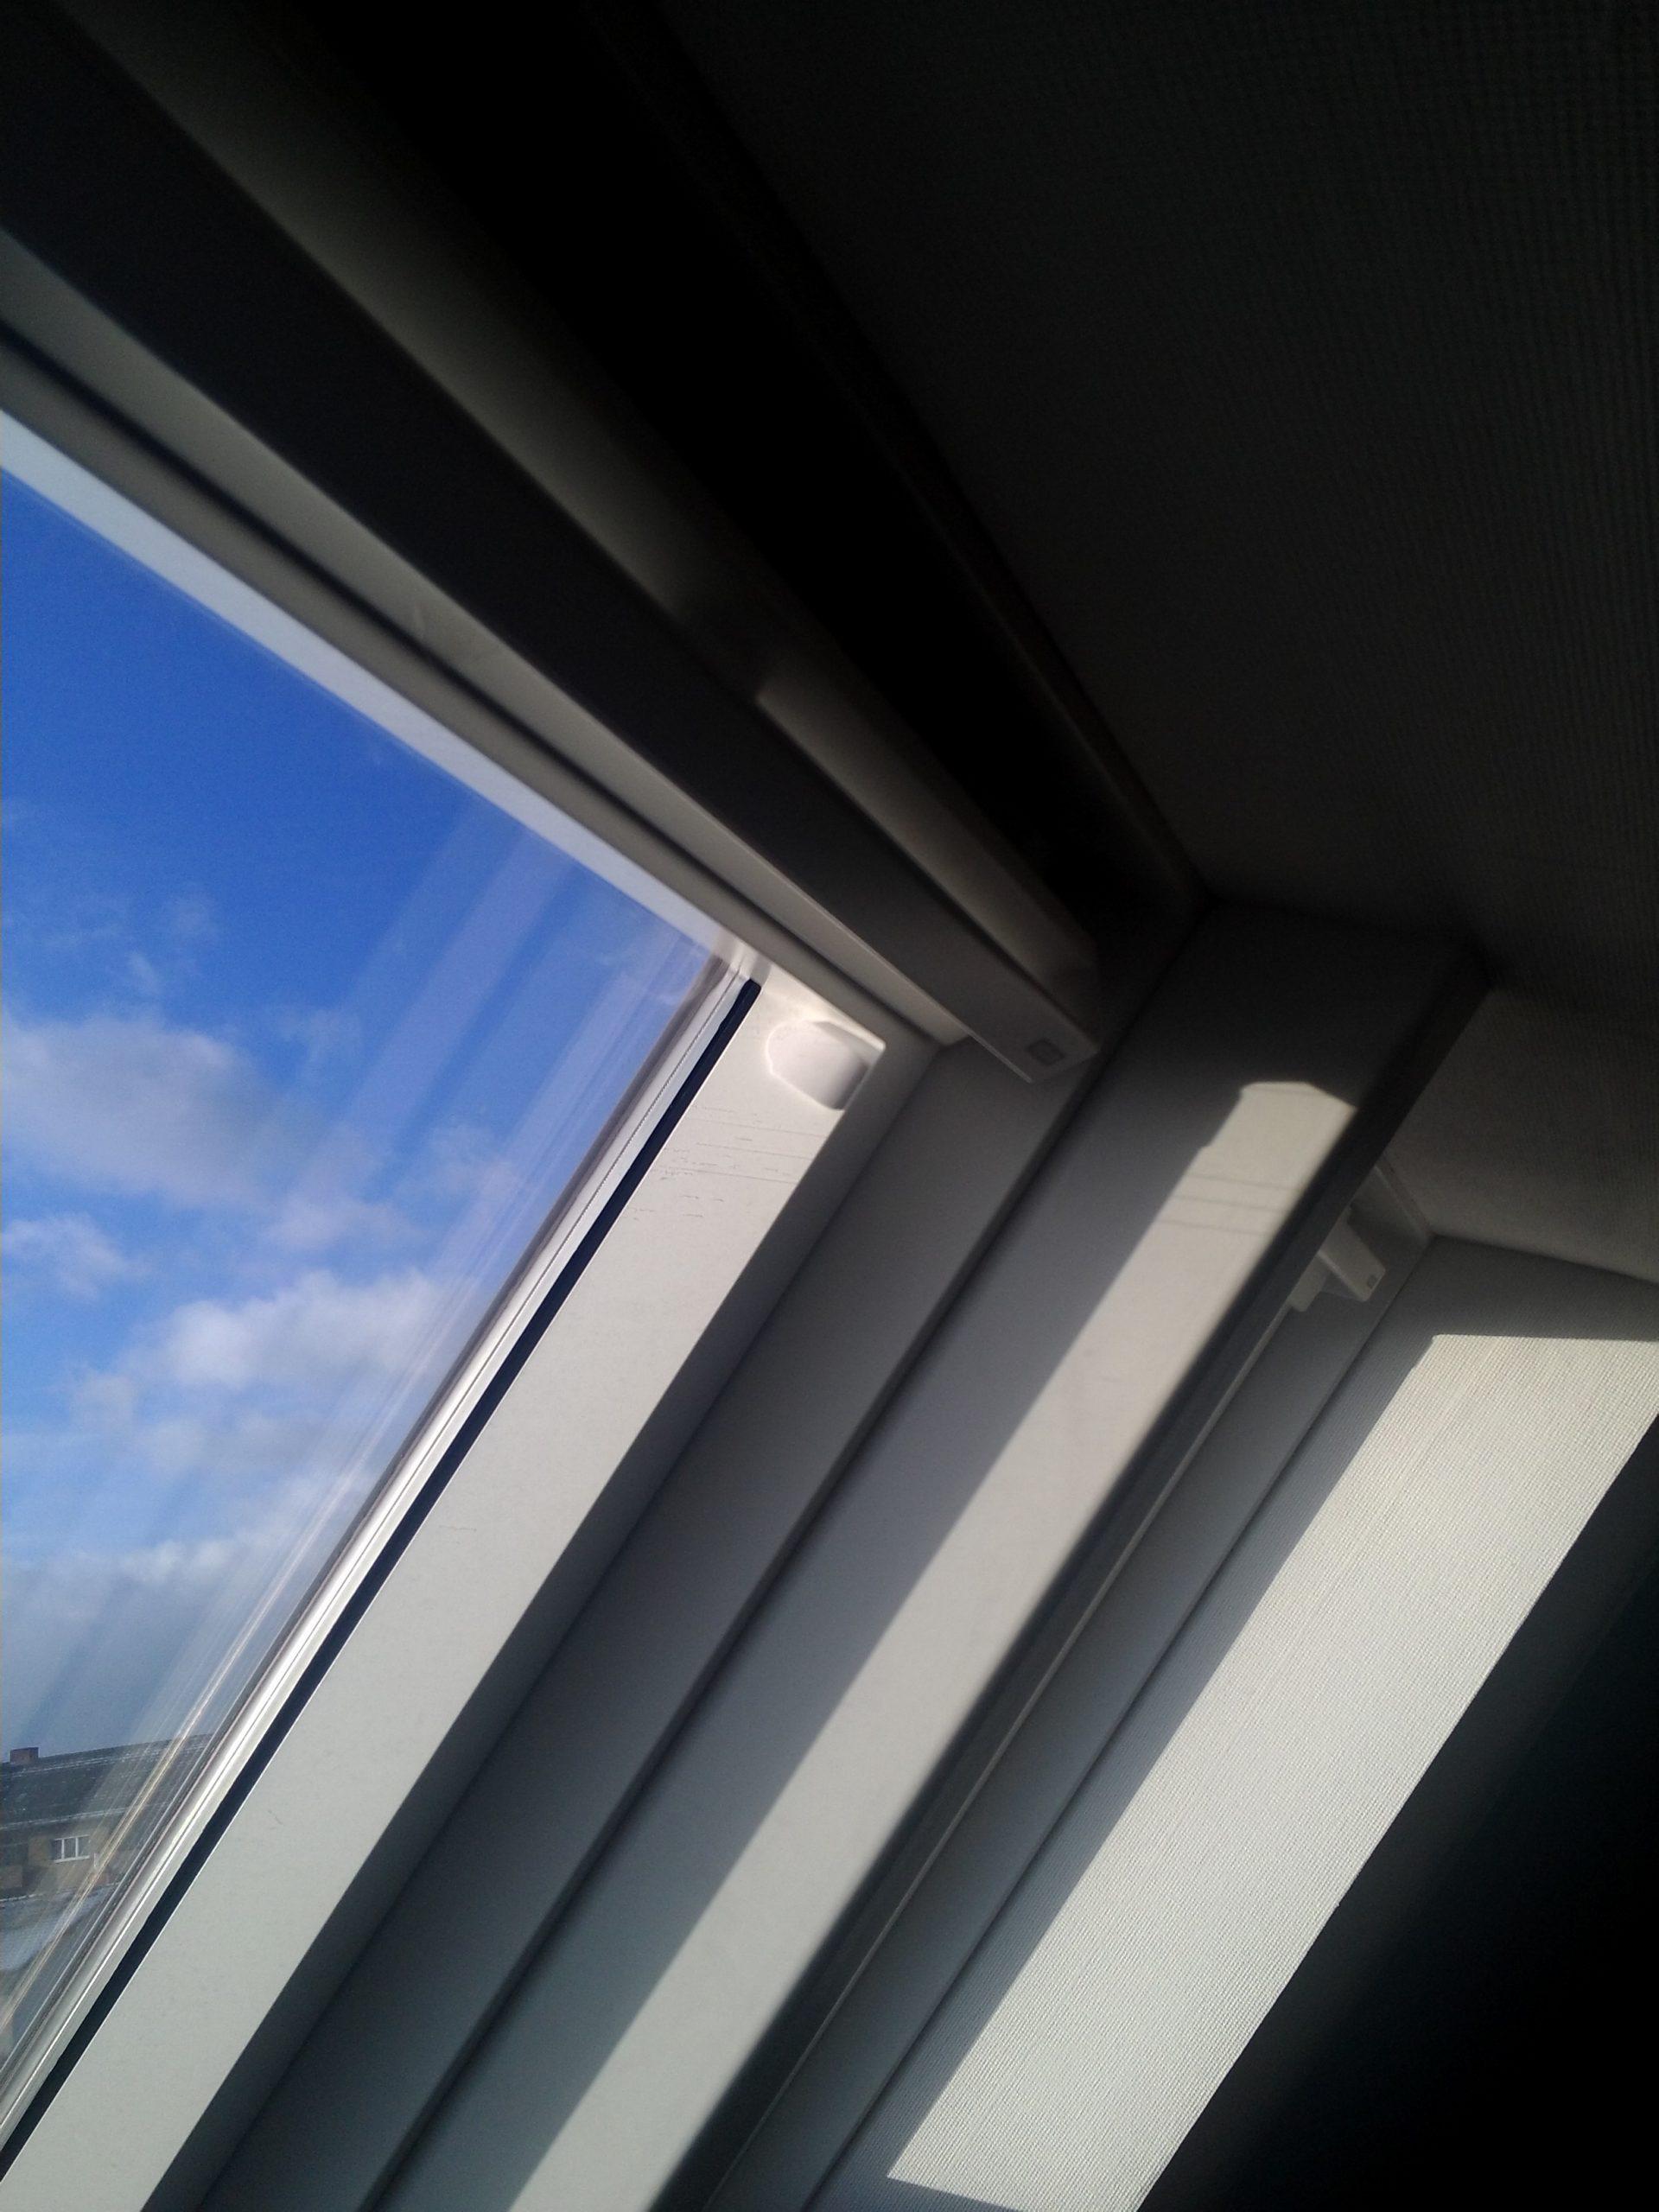 Full Size of Kunststoffteile In Velufenster Dachfenster Velux Fenster Rollo Dänische Günstig Betten Kaufen Einbruchschutz Folie Dreh Kipp Preisvergleich Runde Neue Fenster Velux Fenster Kaufen